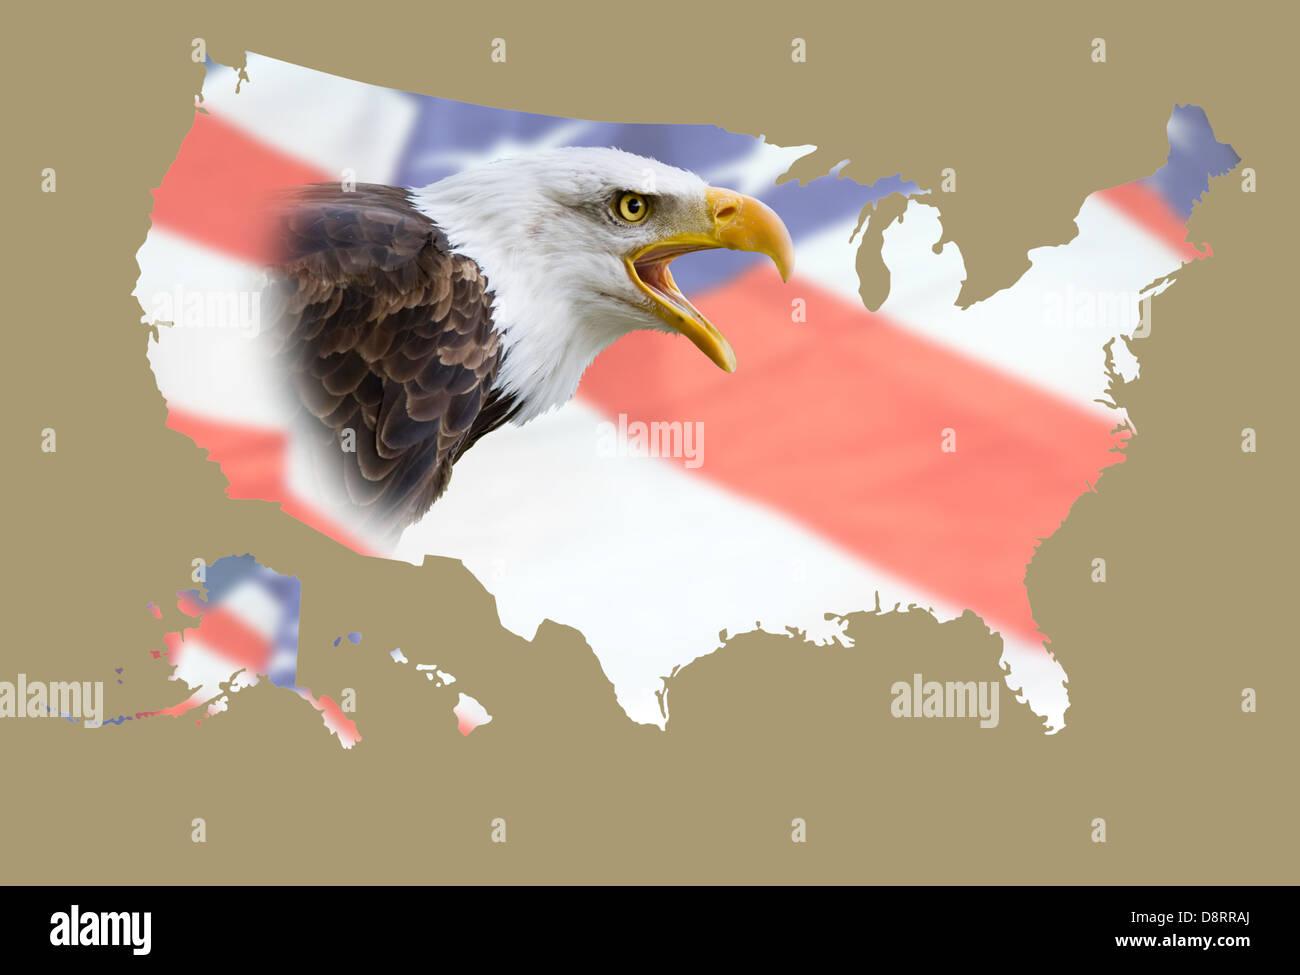 Une carte de l'arrière-plan aux Etats-Unis avec un drapeau et un aigle à tête blanche Photo Stock